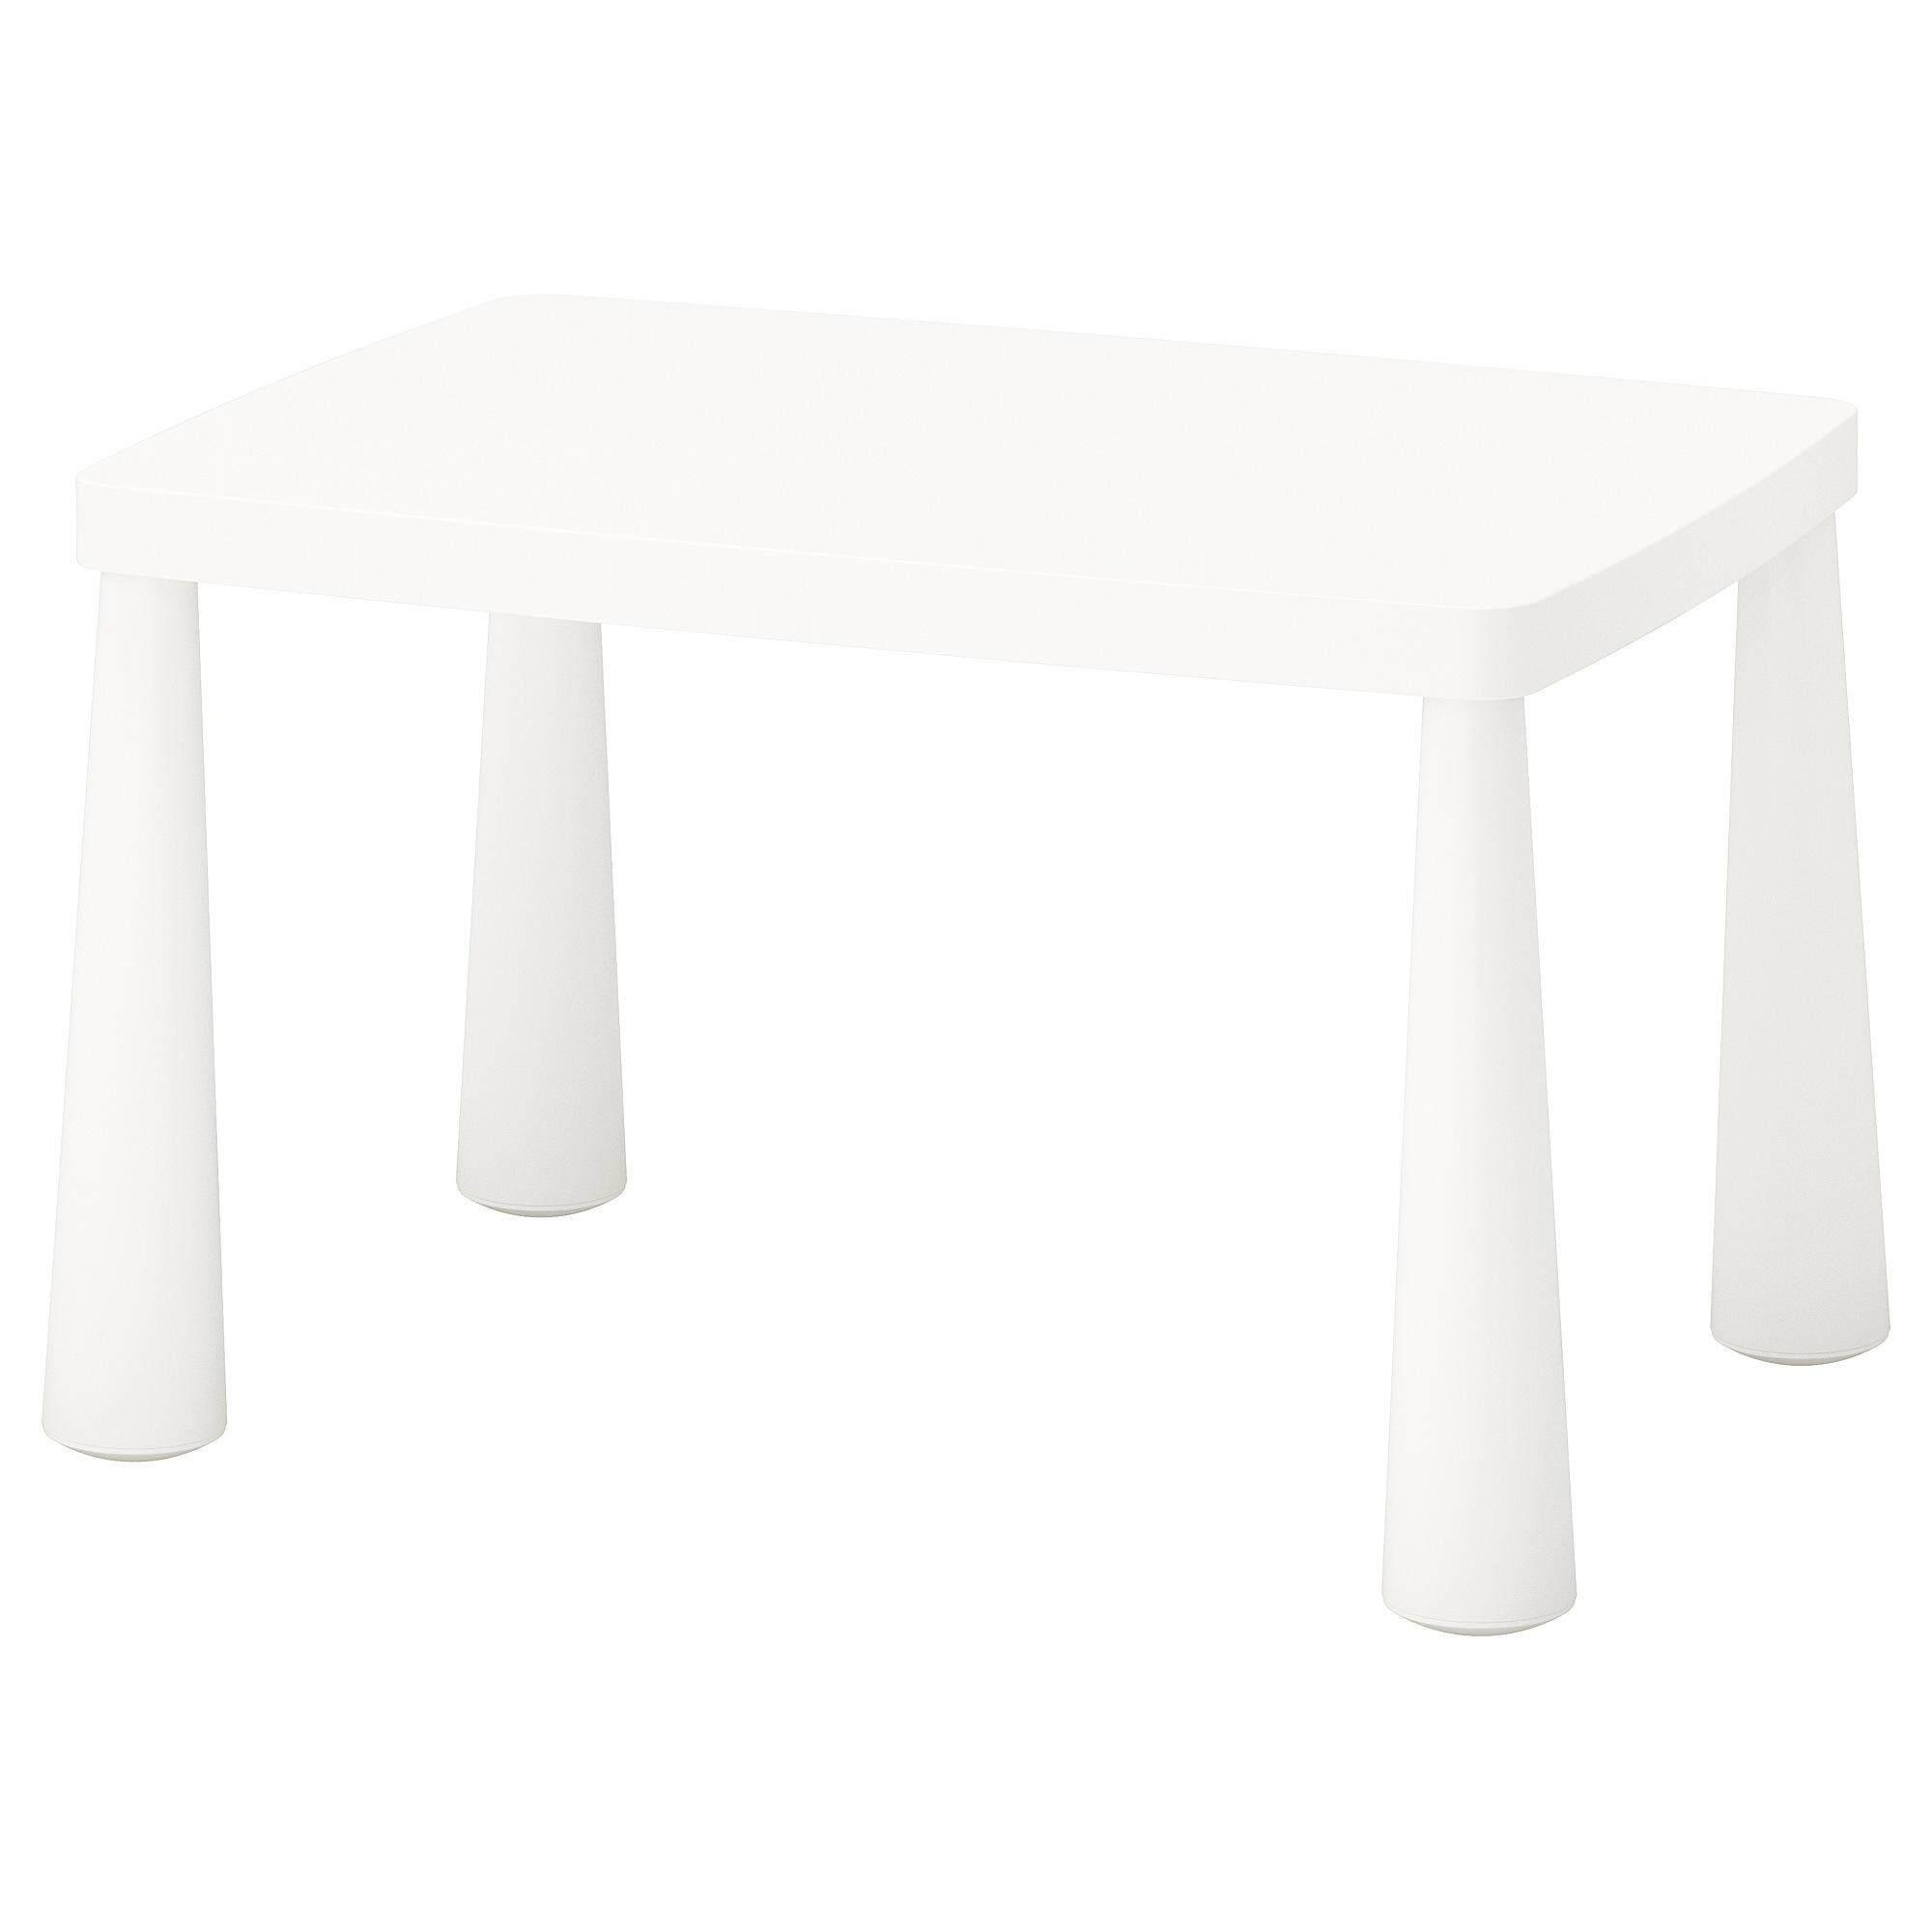 โต๊ะเด็ก, ใน/นอกอาคาร ขาว ขนาด 77x55 ซม. เฟอร์นิเจอร์สนามสำหรับเด็ก Mammut ขนาด 77x55 ซม. By Bombaymall.